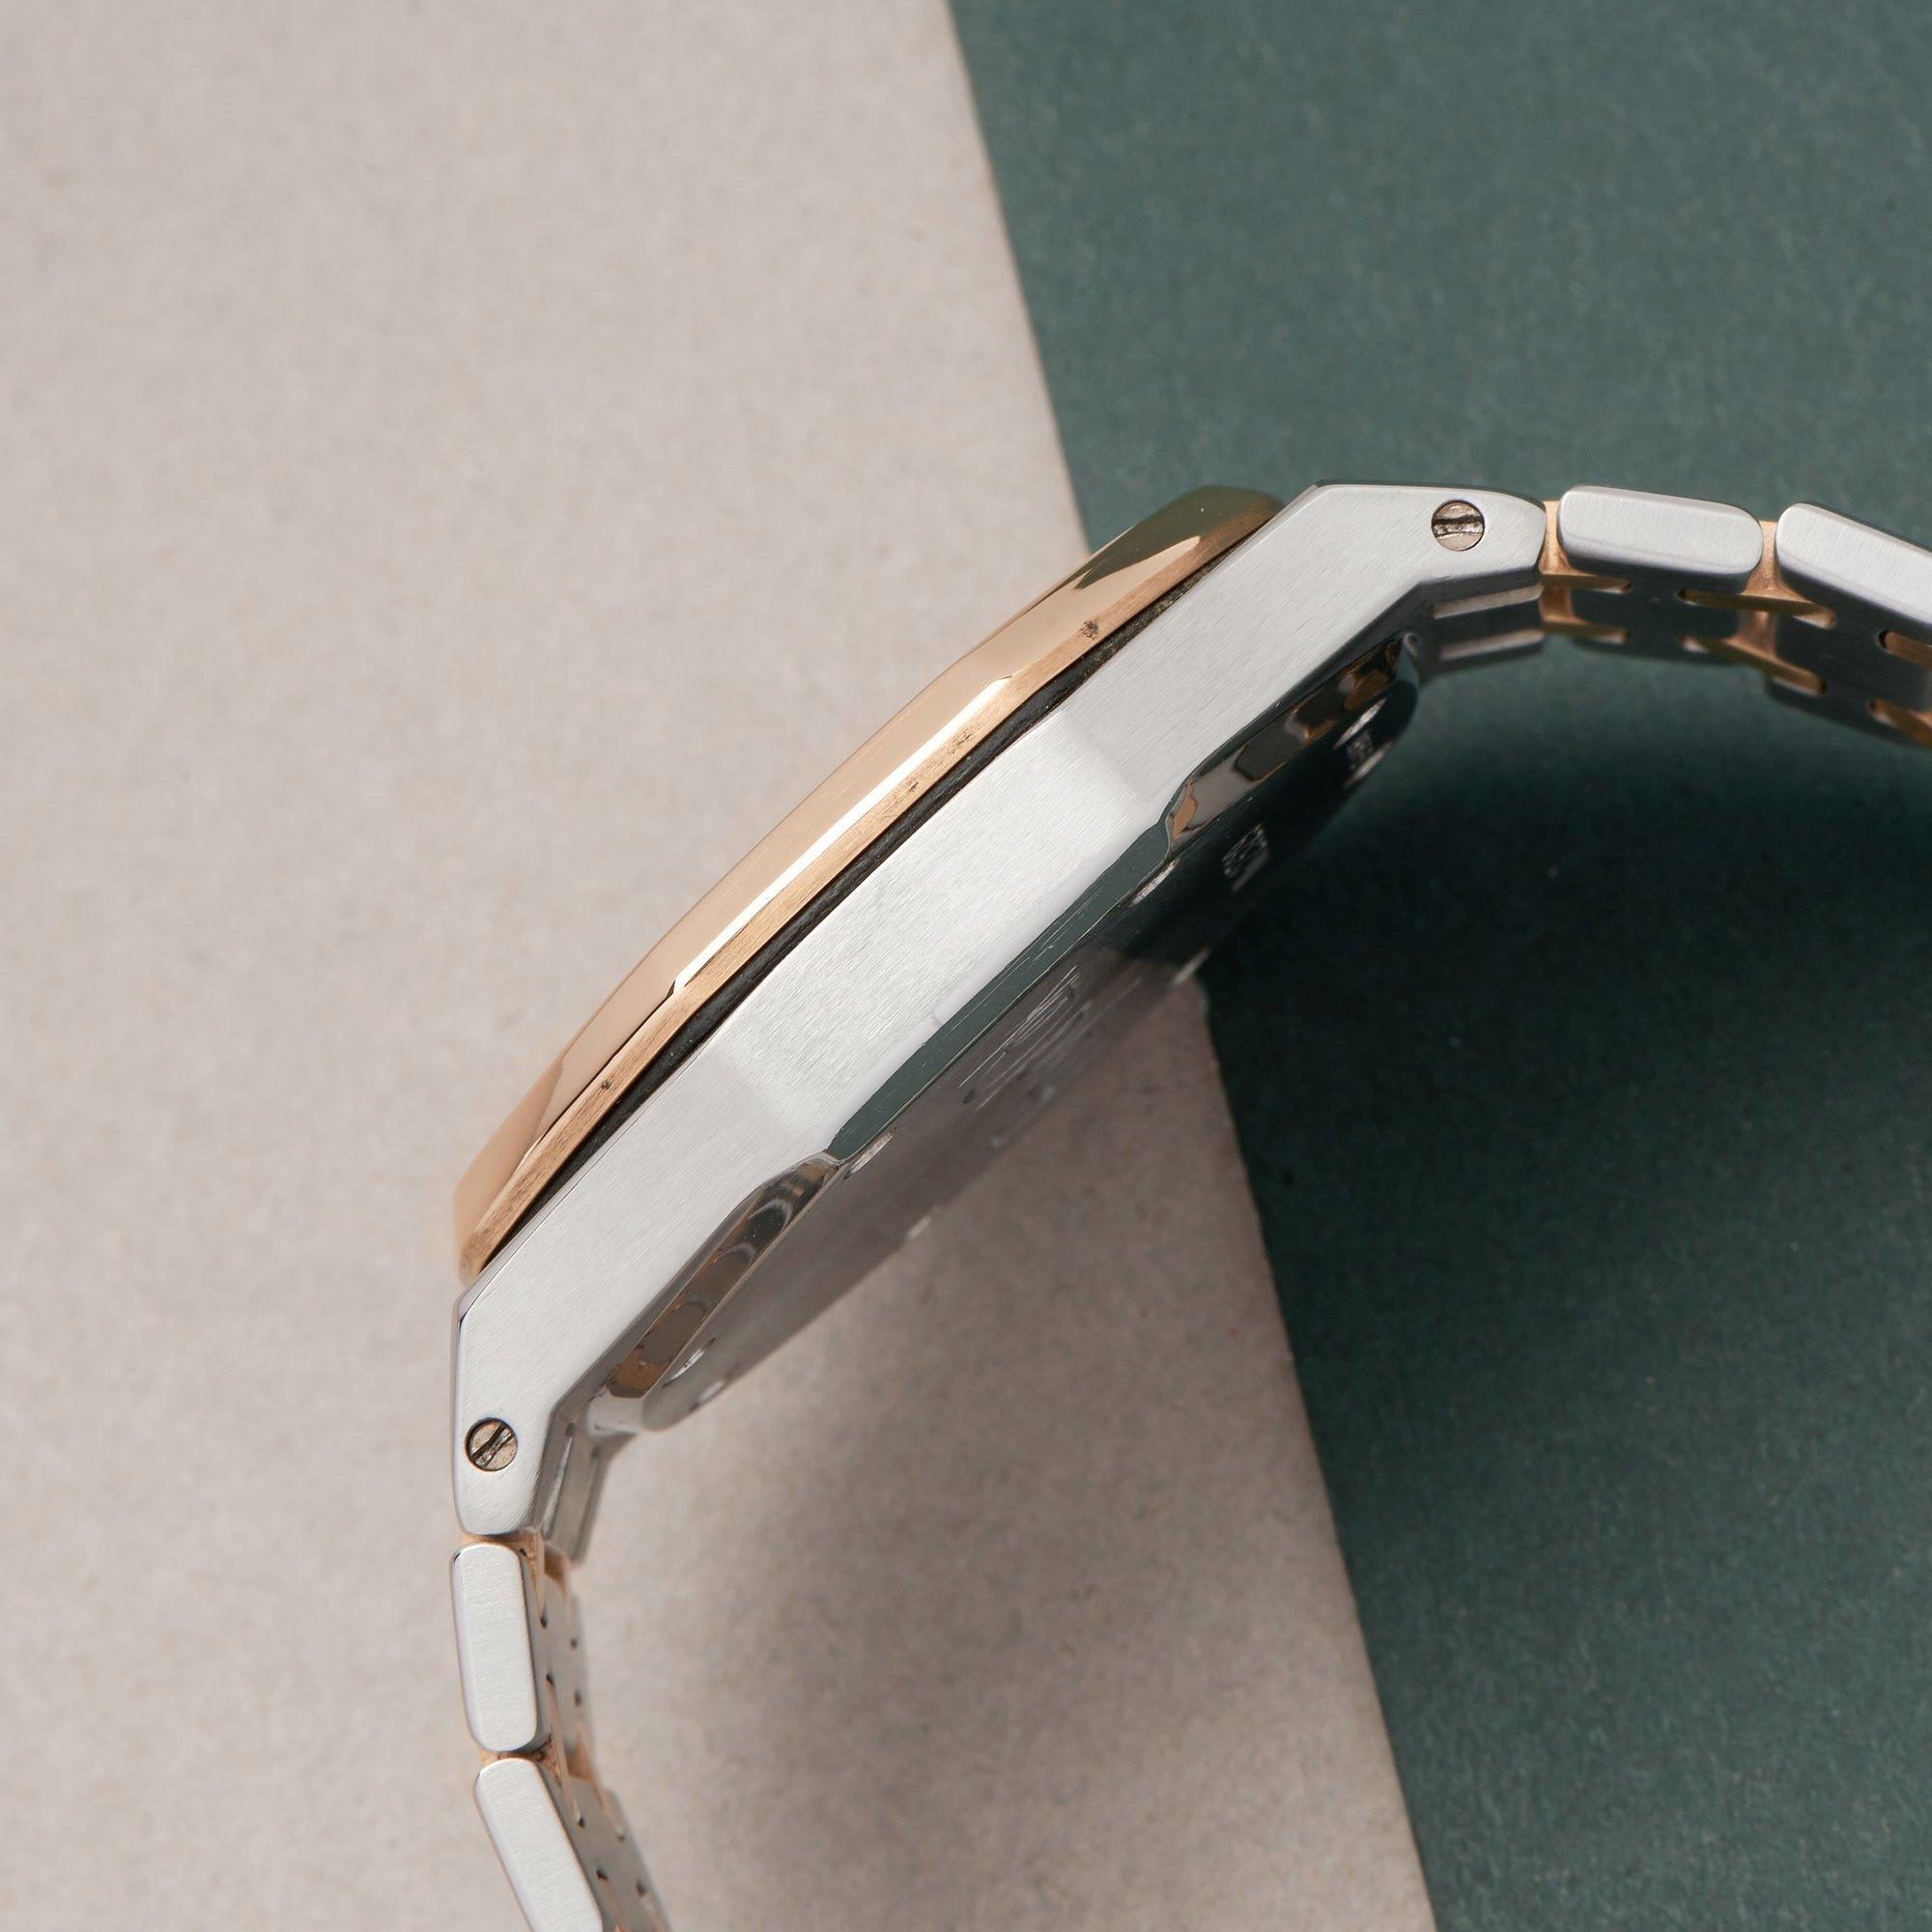 Audemars Piguet Royal Oak Day-Date 18K Yellow Gold & Stainless Steel 25594SA